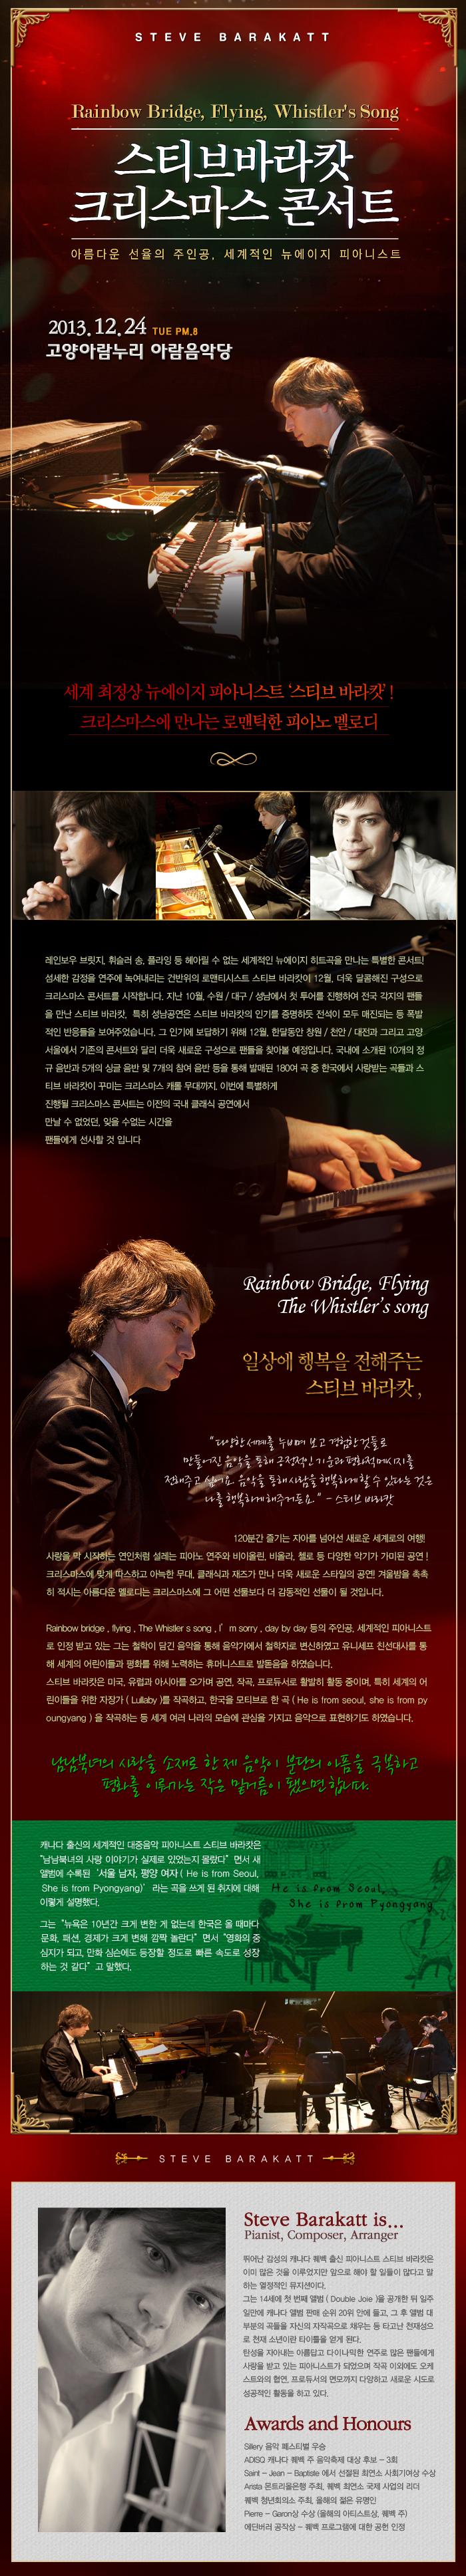 아름다운 선율의 주인공, 세계적인 뉴에이지 피아니스트! 스티브바리캇 2013 크리스마스 콘서트